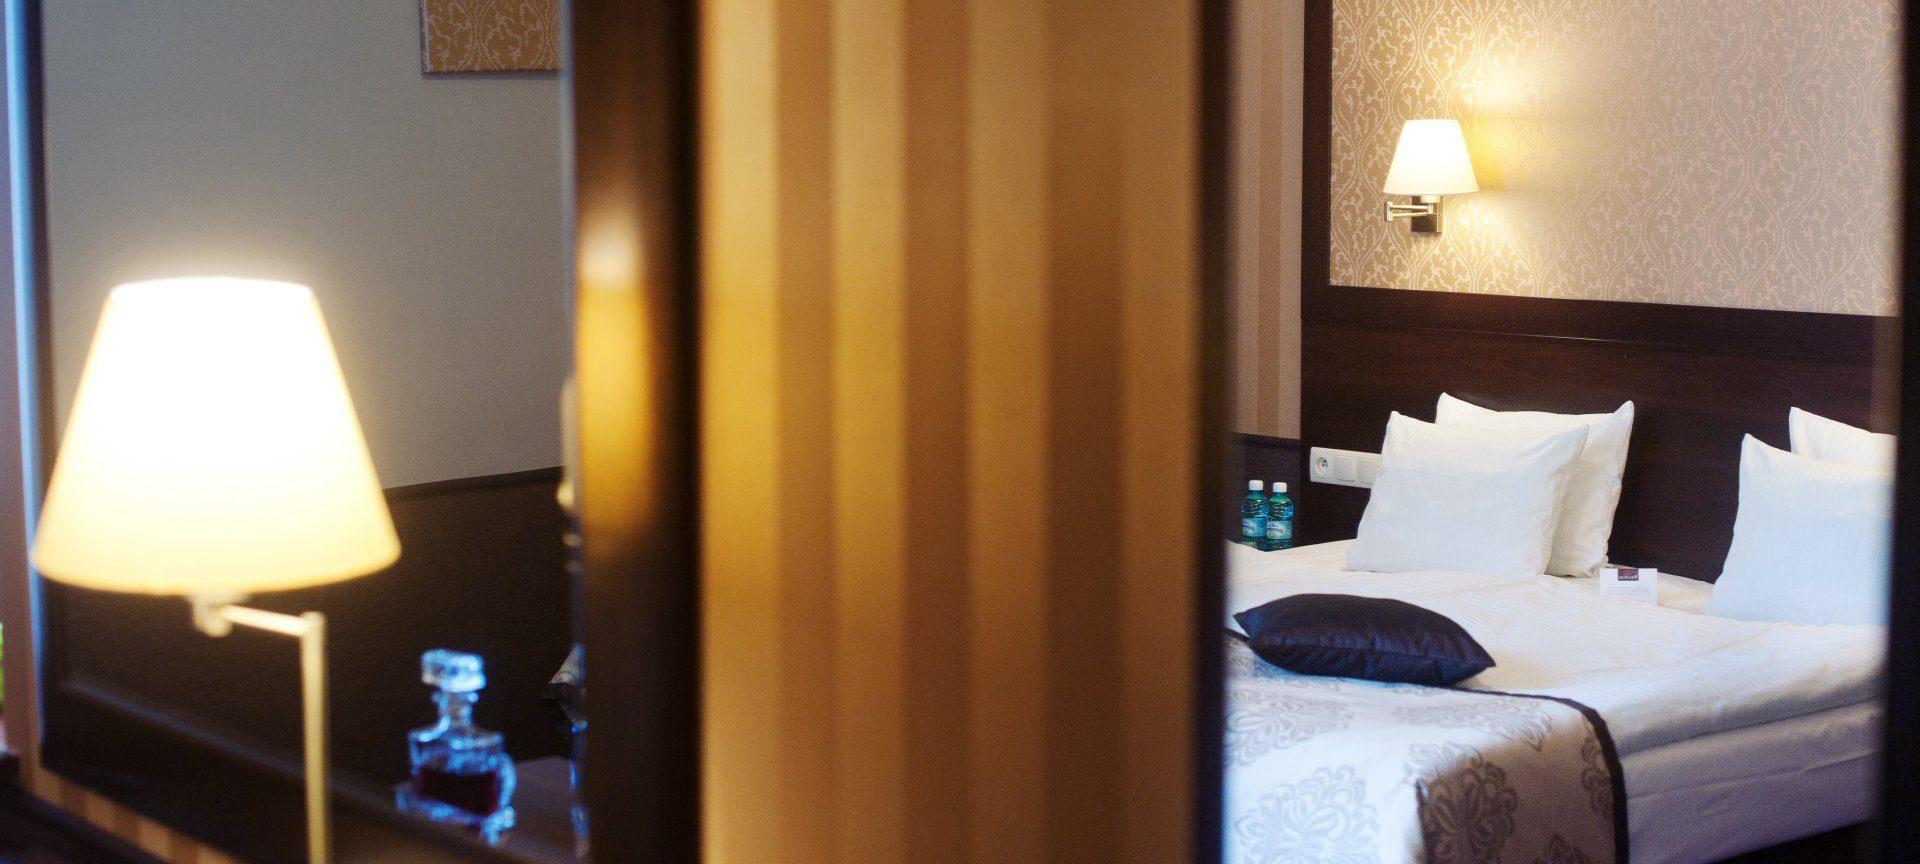 Wyjątkowy Hotel